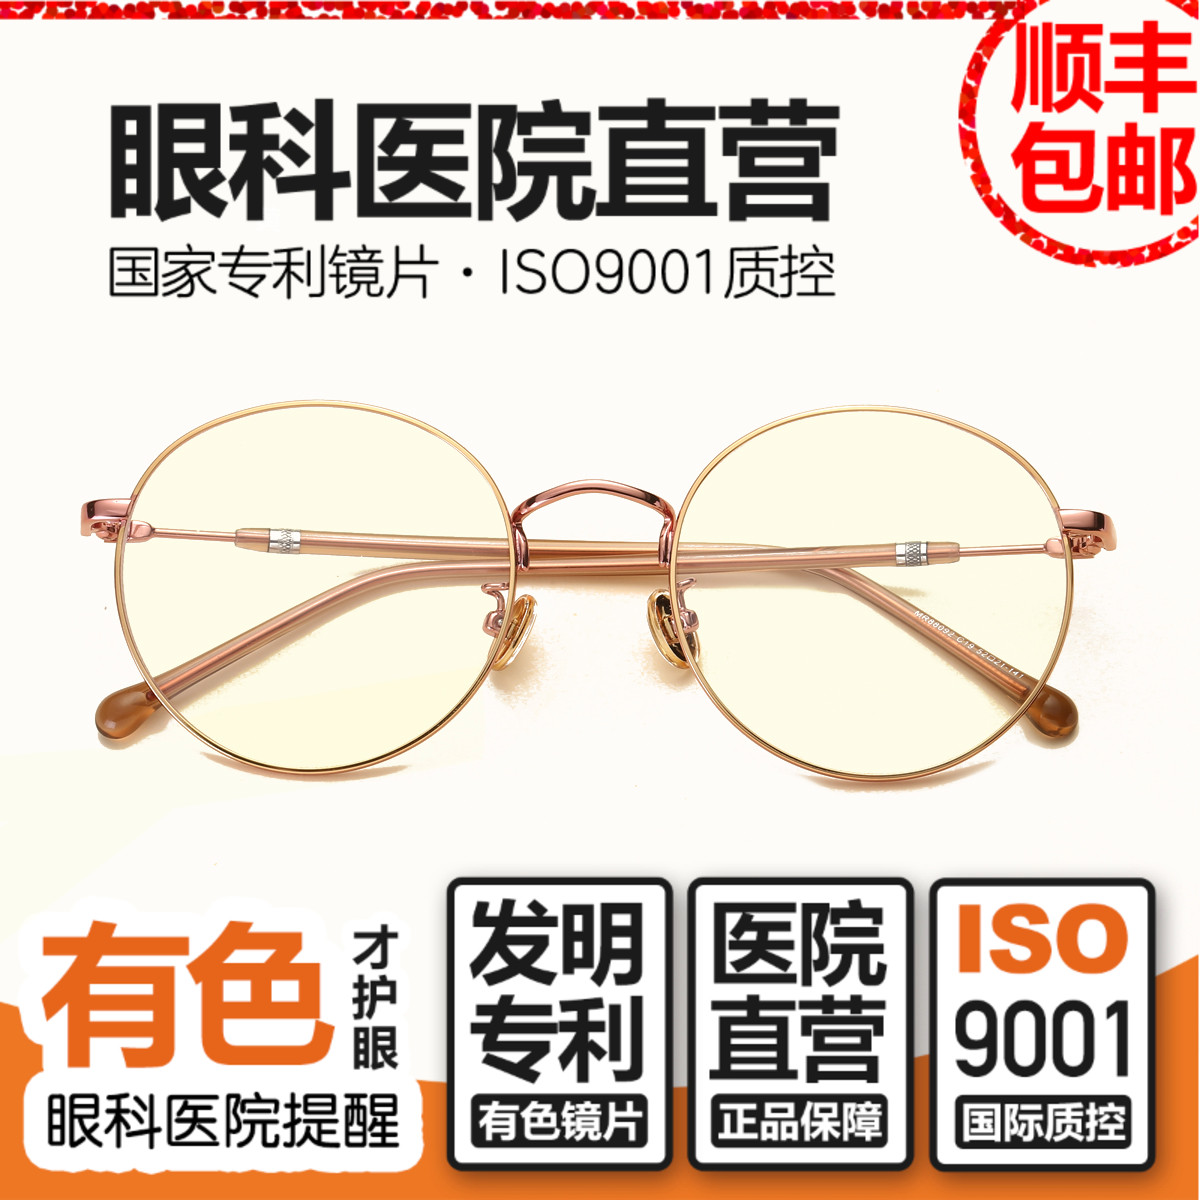 防蓝光复古圆框眼镜男女防紫外辐射电脑护目镜手机护眼抗疲劳专用